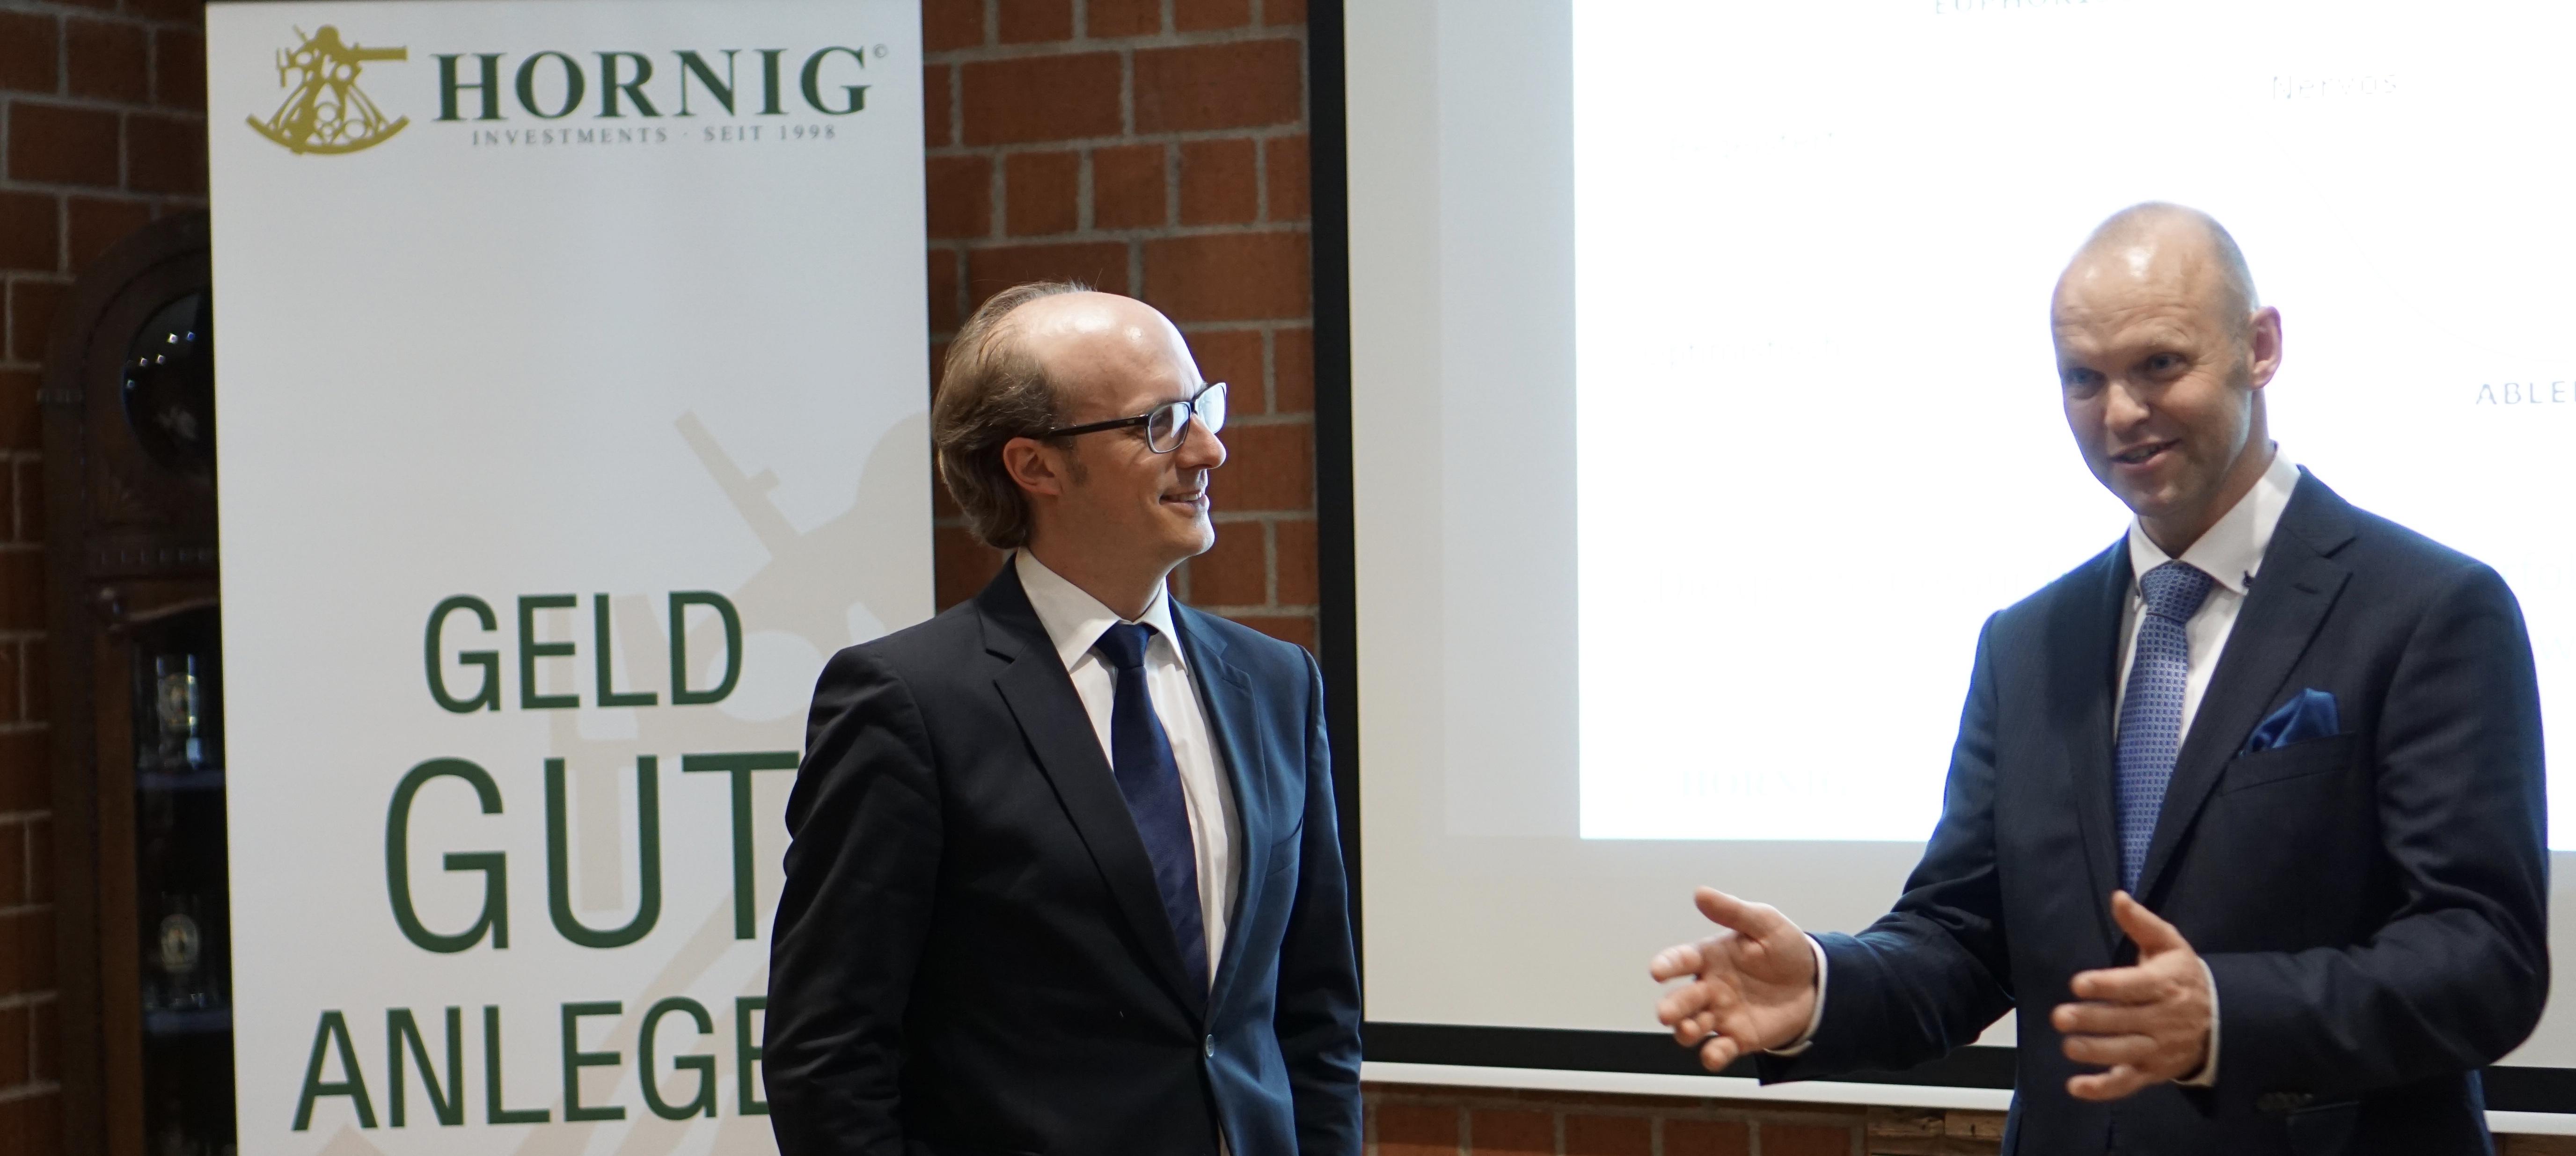 Dennis B. Hornig & Matthias Schneider (DJE)